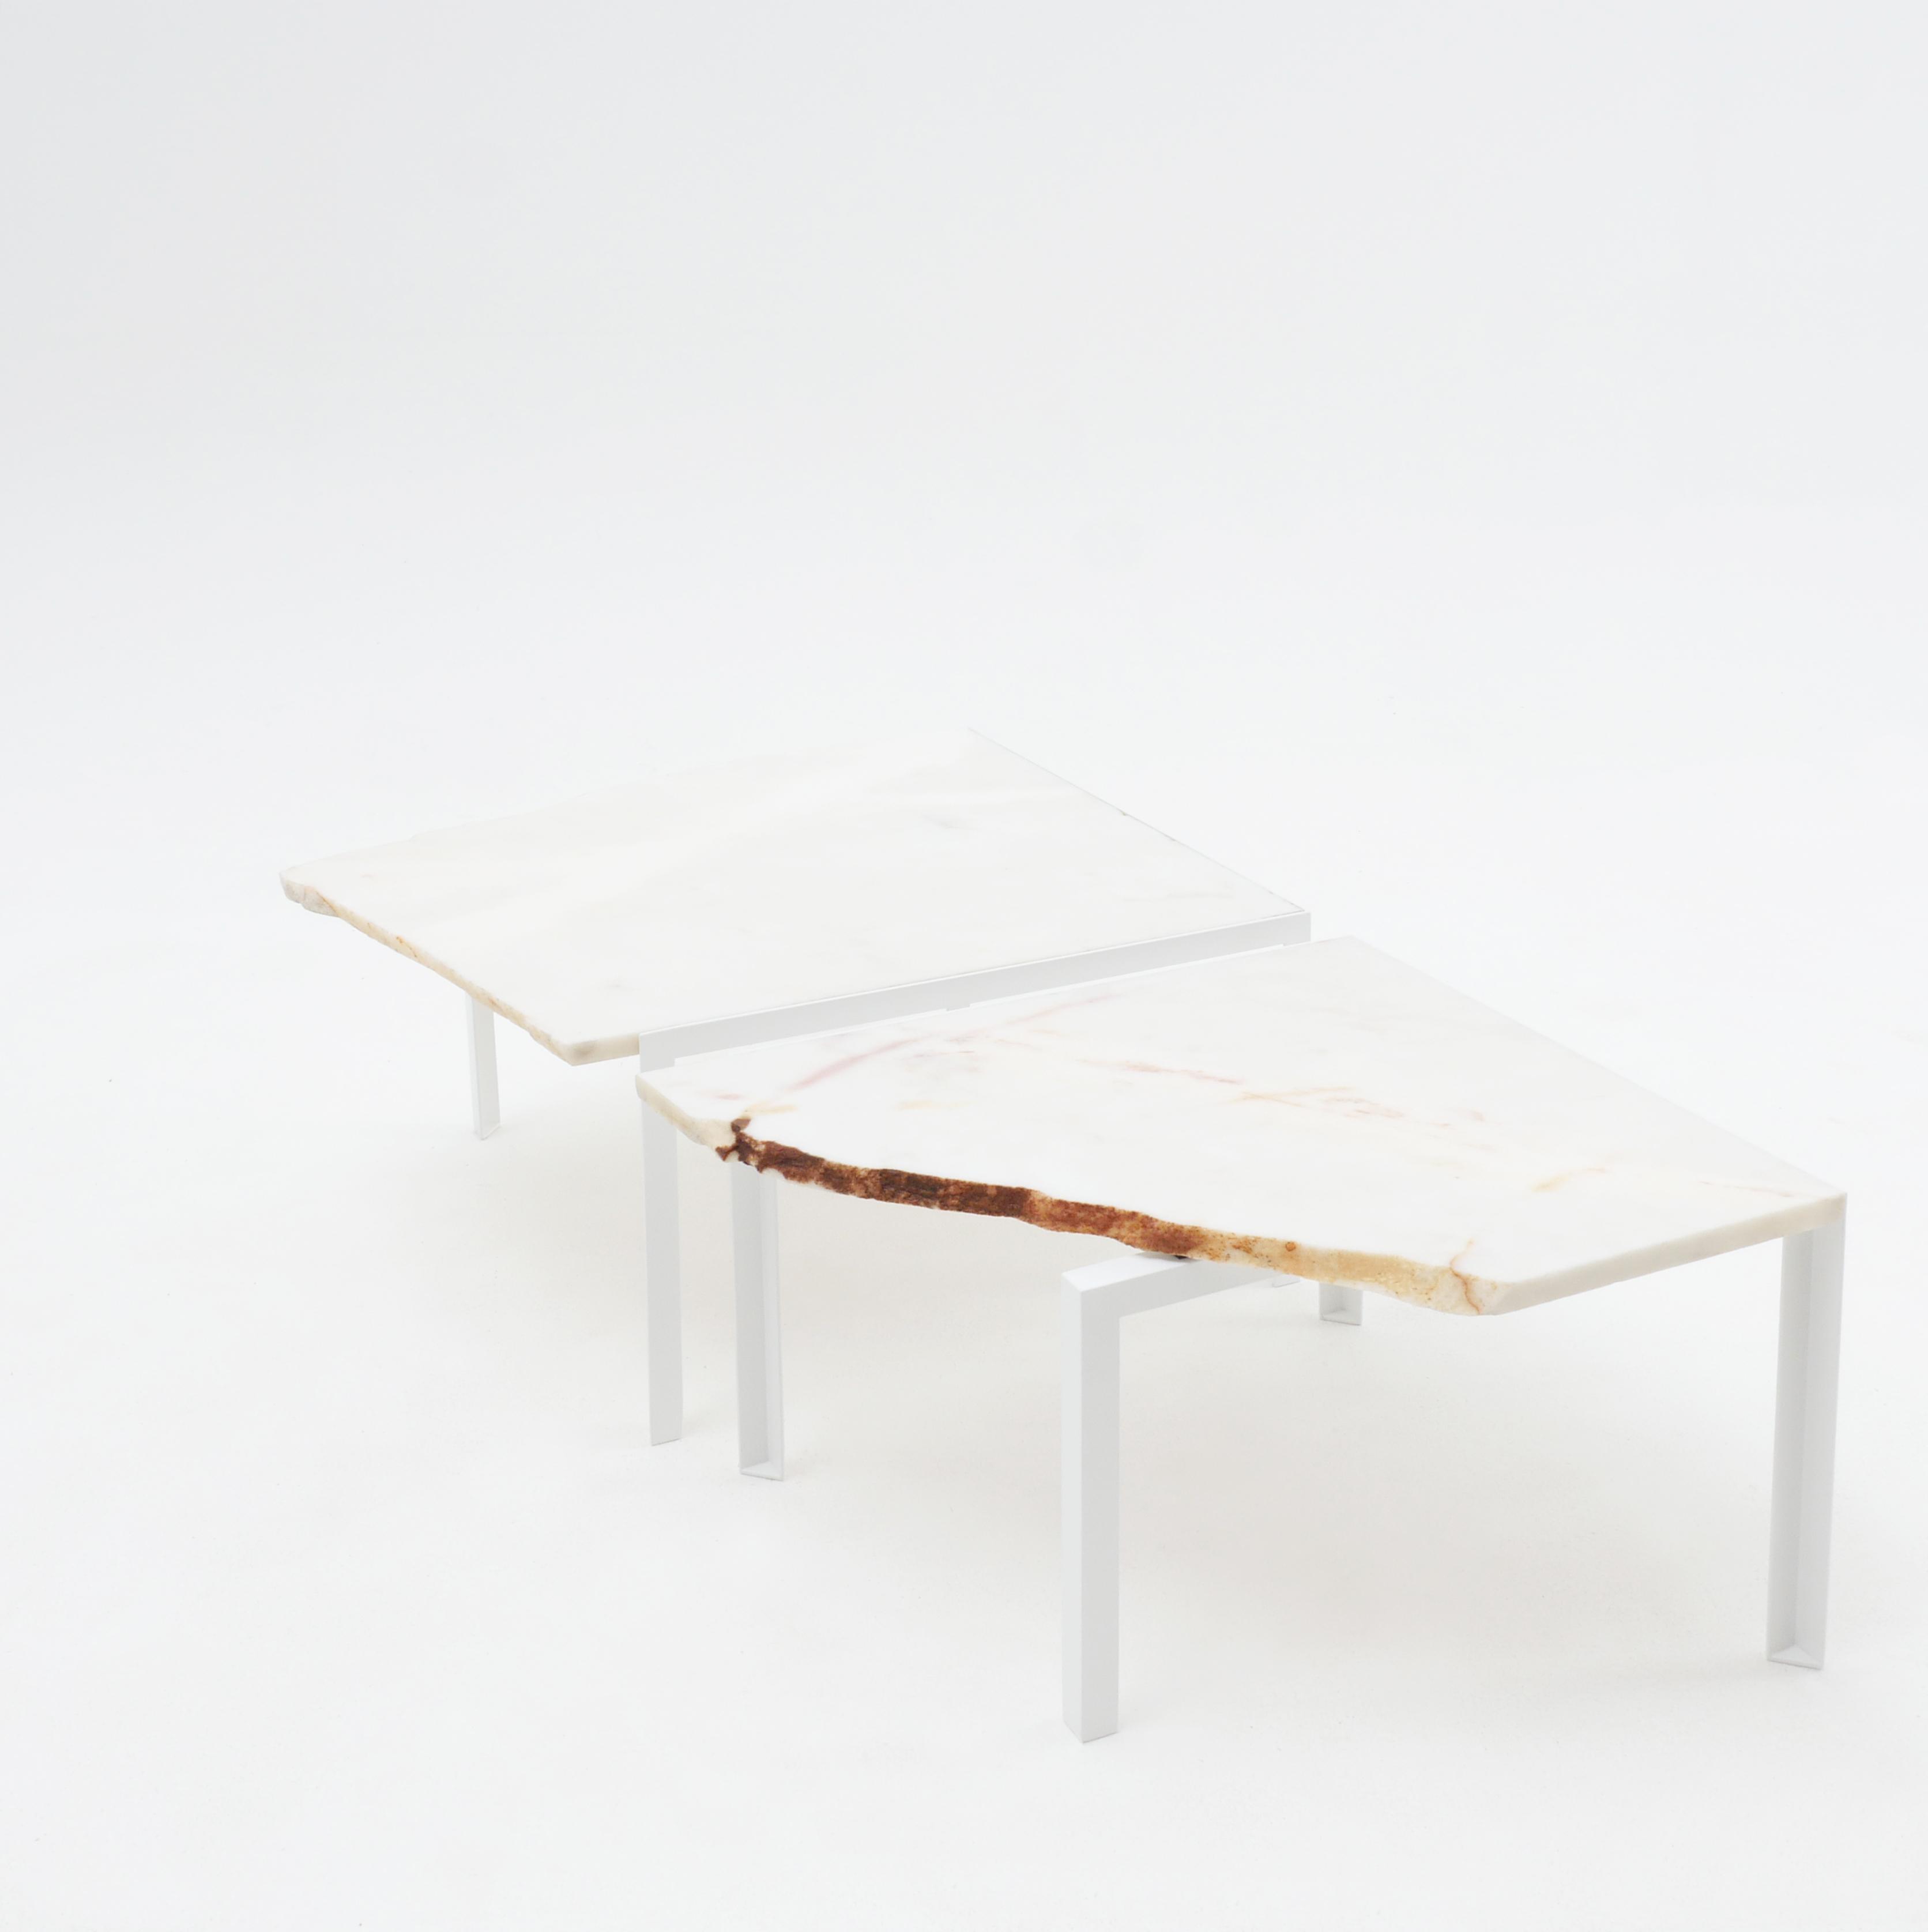 Beistelltisch von Atelier Haussmann entworfen von Hervé Humbert, Petite table d'angle ist ein kleiner Tisch aus Marmor Reststücke, es sind alle Unikate